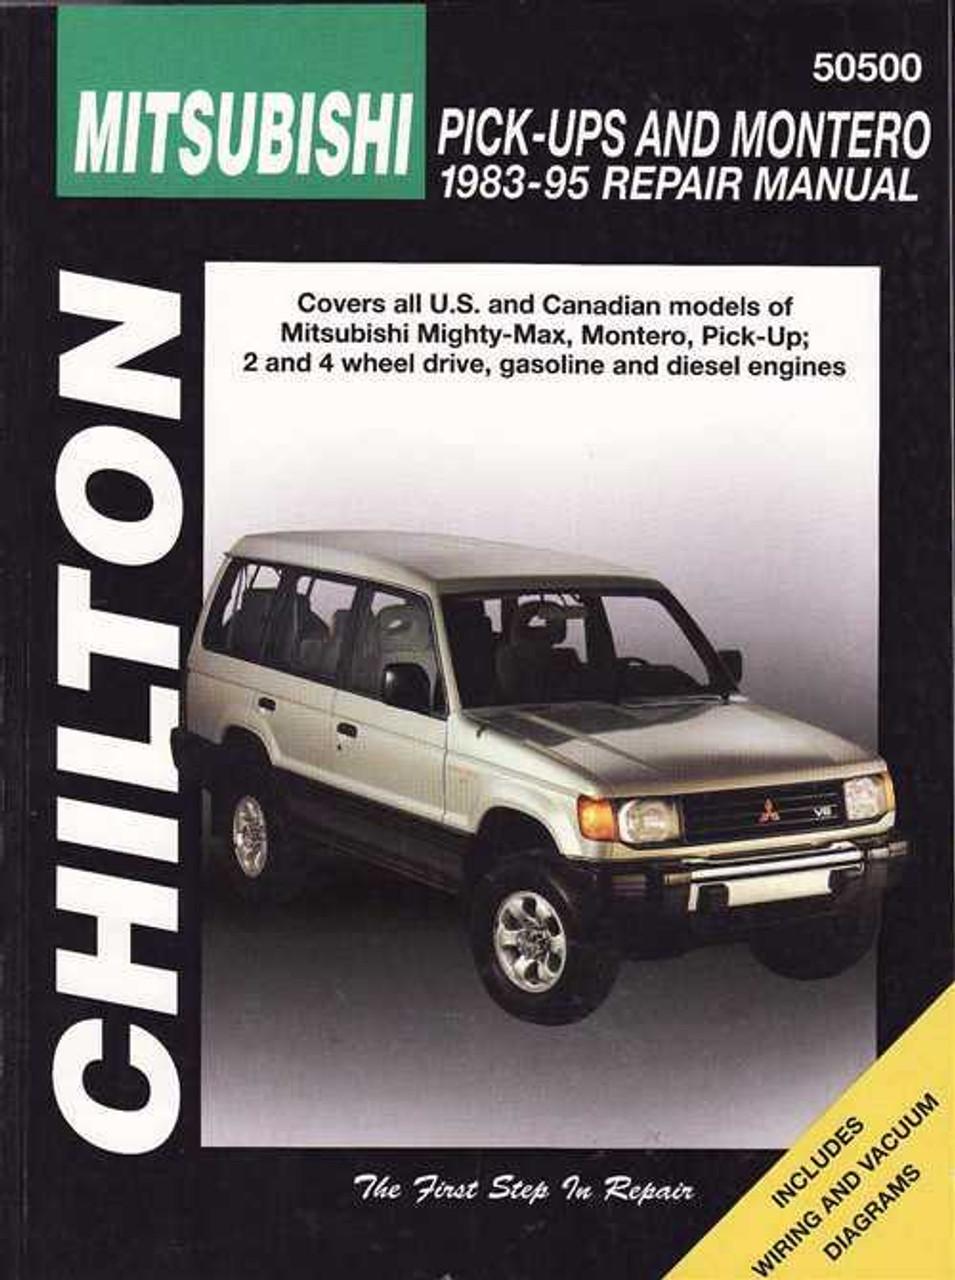 Mitsubishi Pick-Ups and Montero 1983 - 1995 Workshop Manual